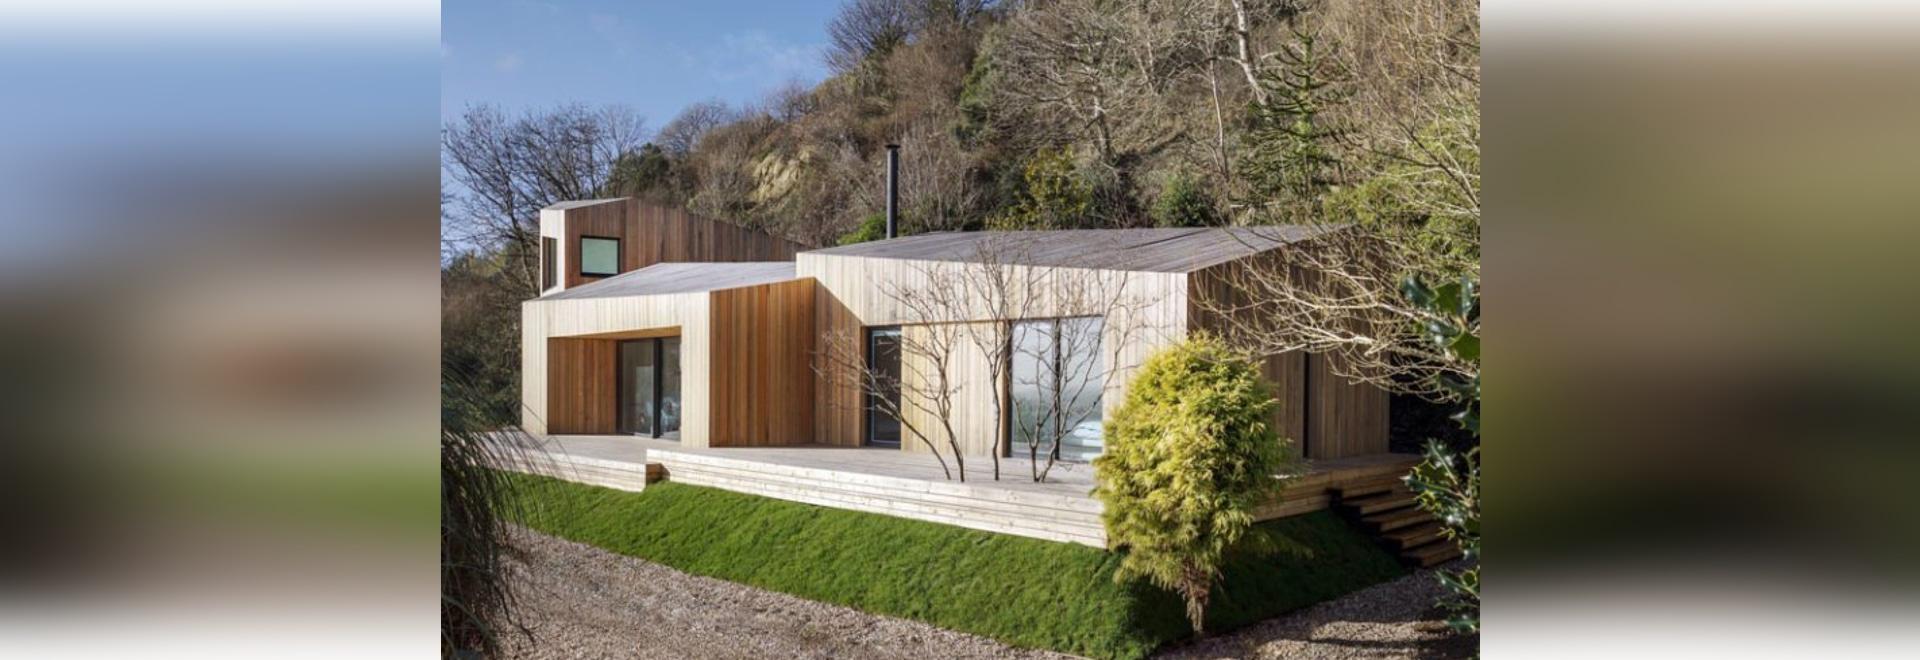 Couvertures de voie de garage en bois verticales cette maison de vacances contemporaine en Angleterre